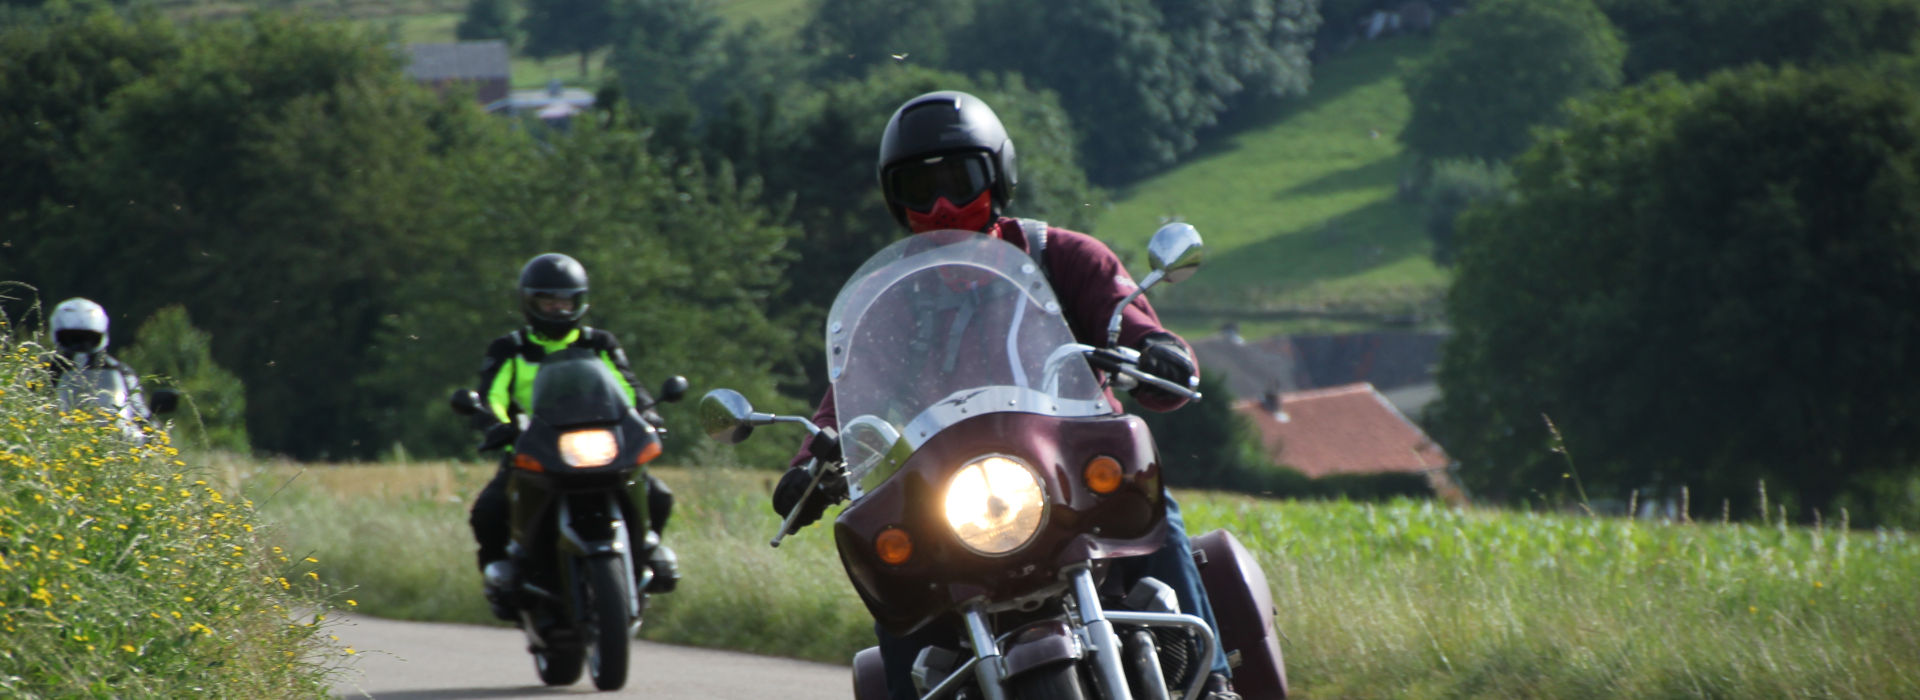 Motorrijbewijspoint Kloosterzande motorrijlessen